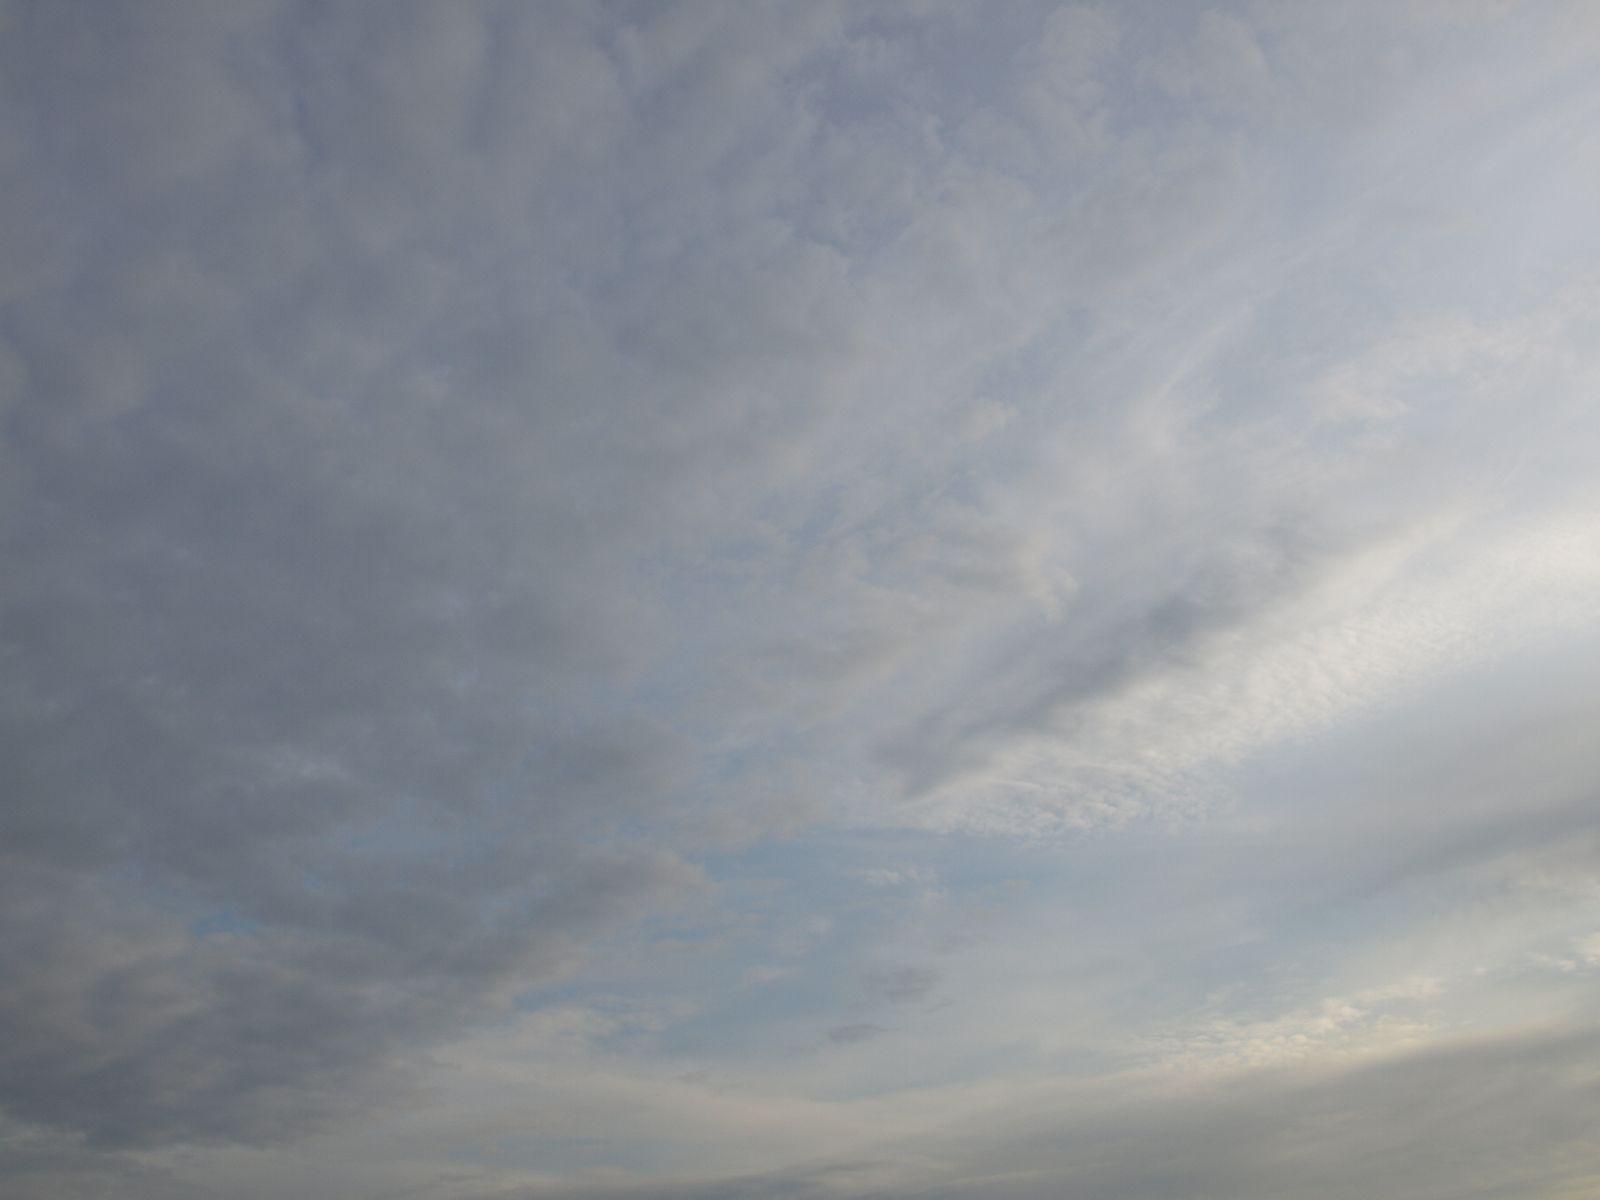 Himmel-Wolken-Foto_Textur_A_P8174442